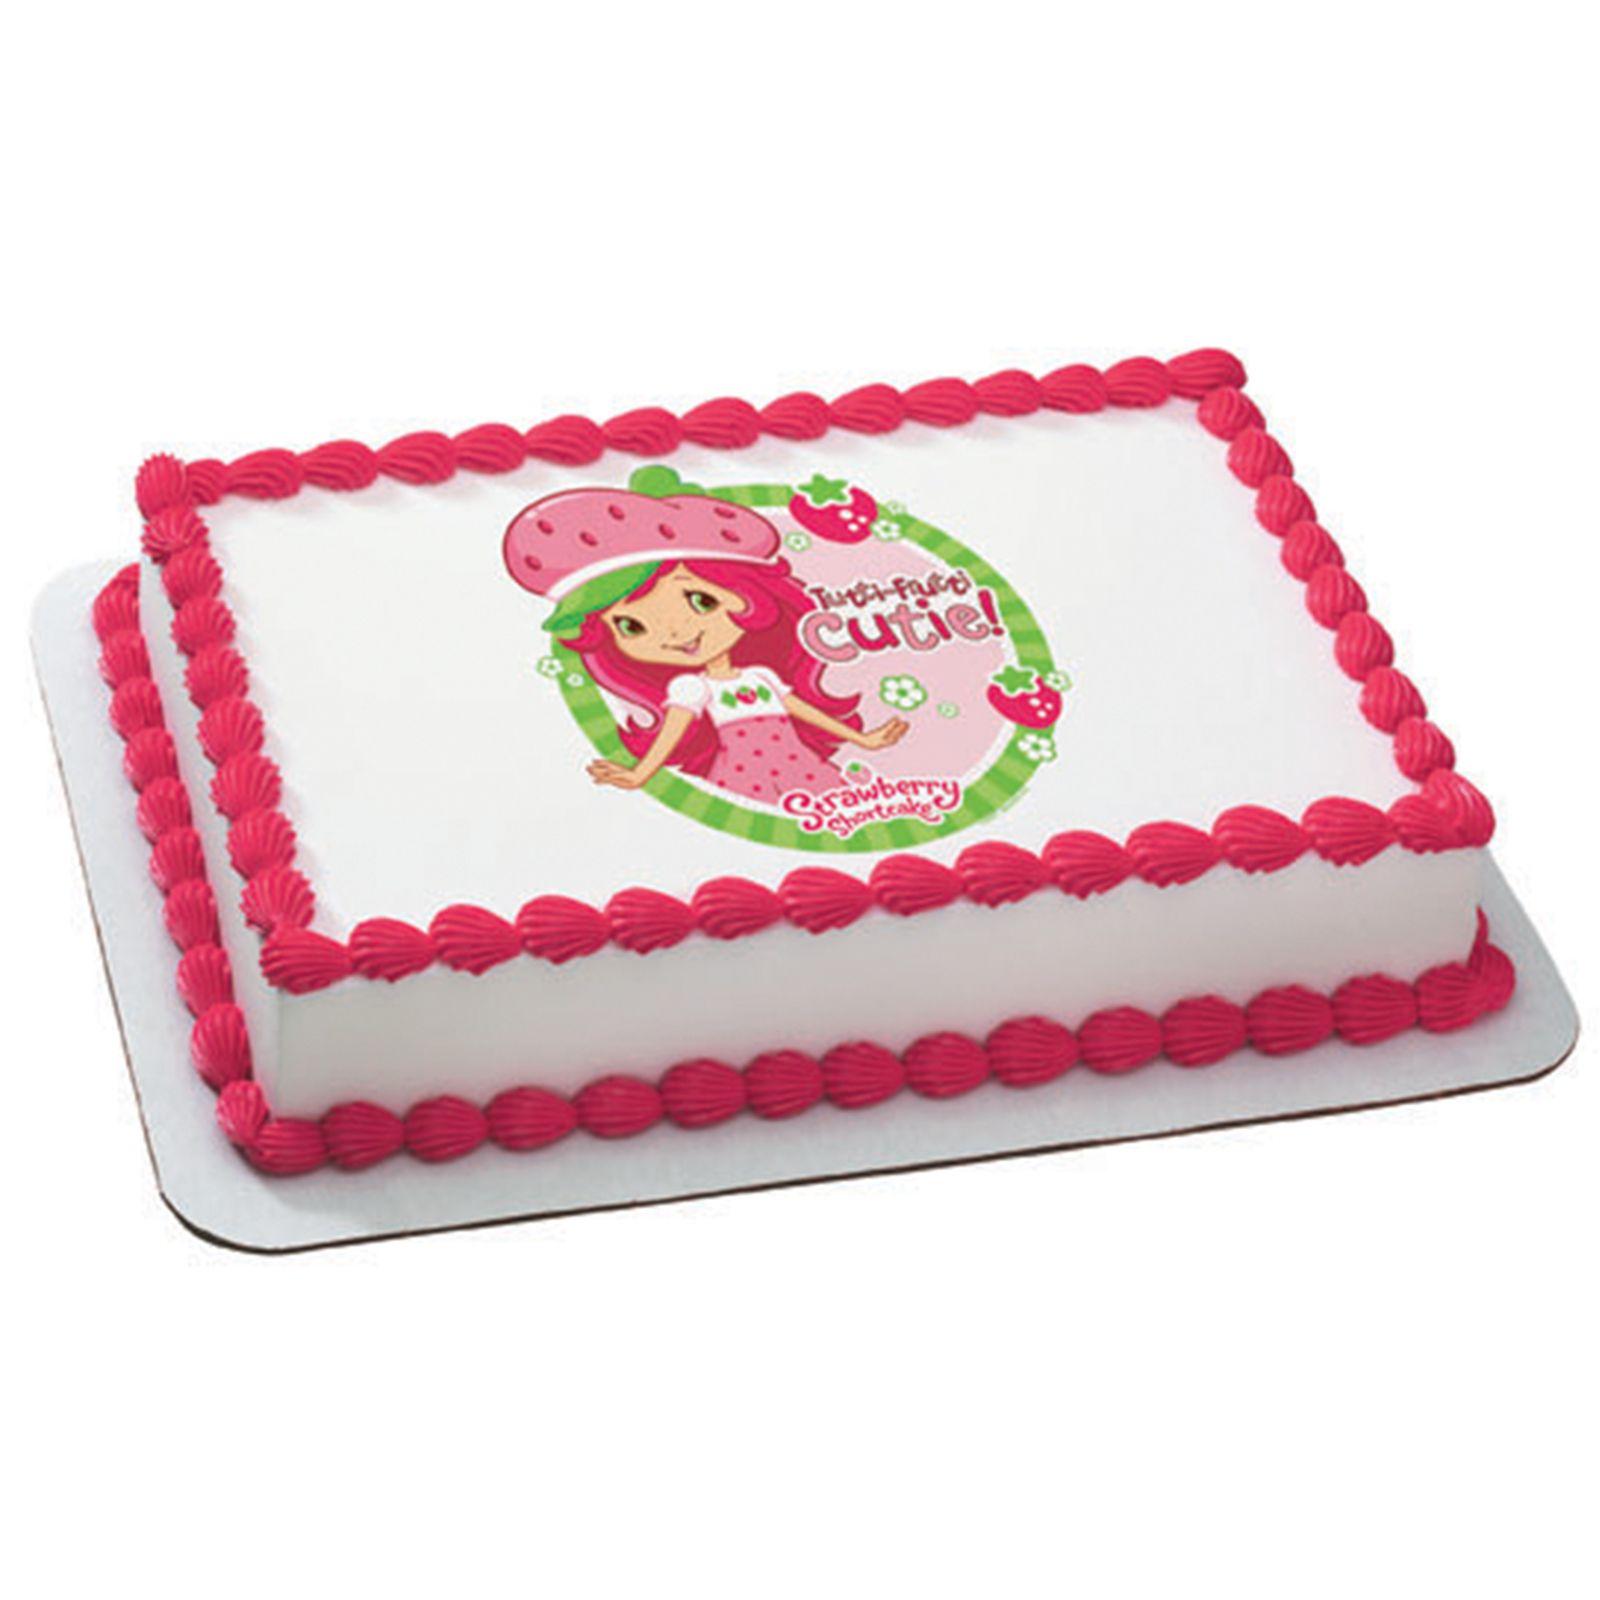 Strawberry Shortcake Birthday Cake Strawberry Shortcake